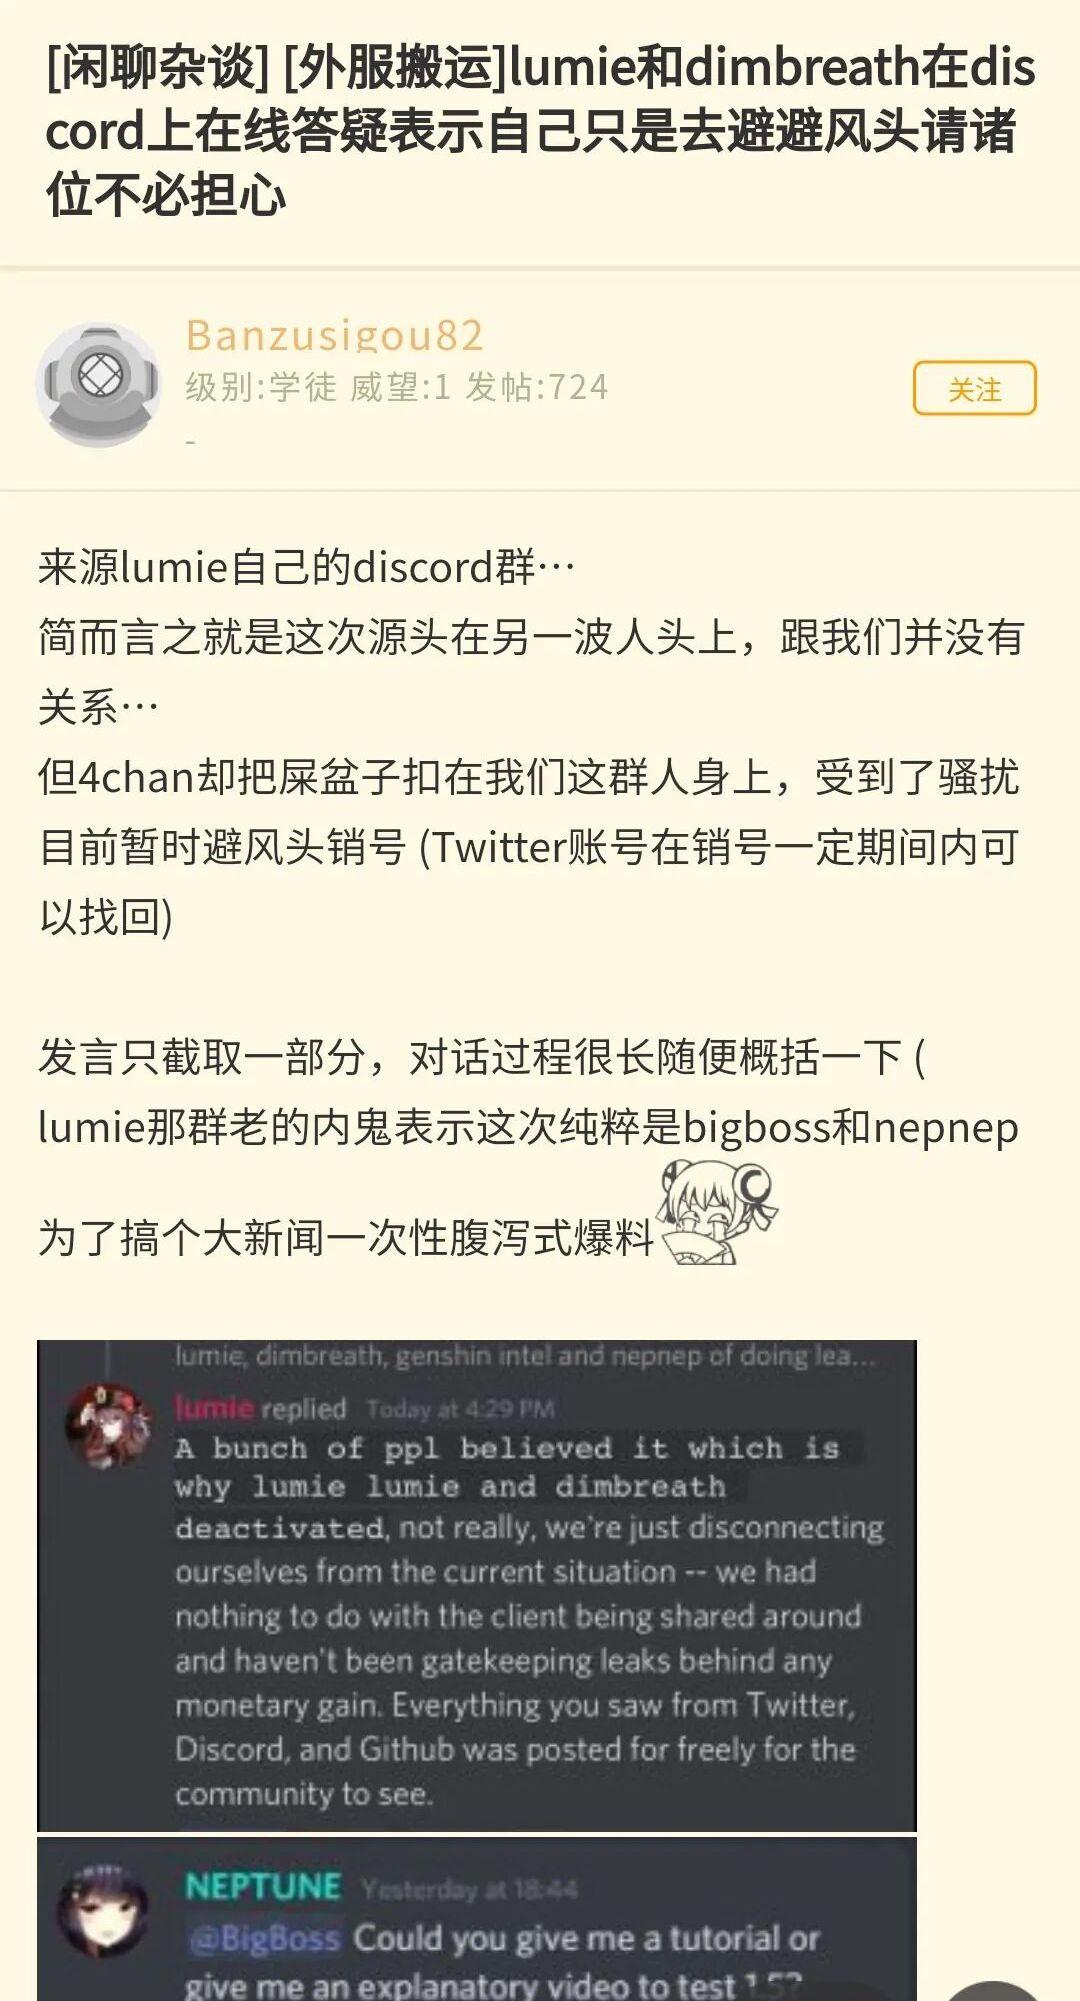 原神:外国黑客攻破米哈游1.5版本,网友纷纷拍手称快